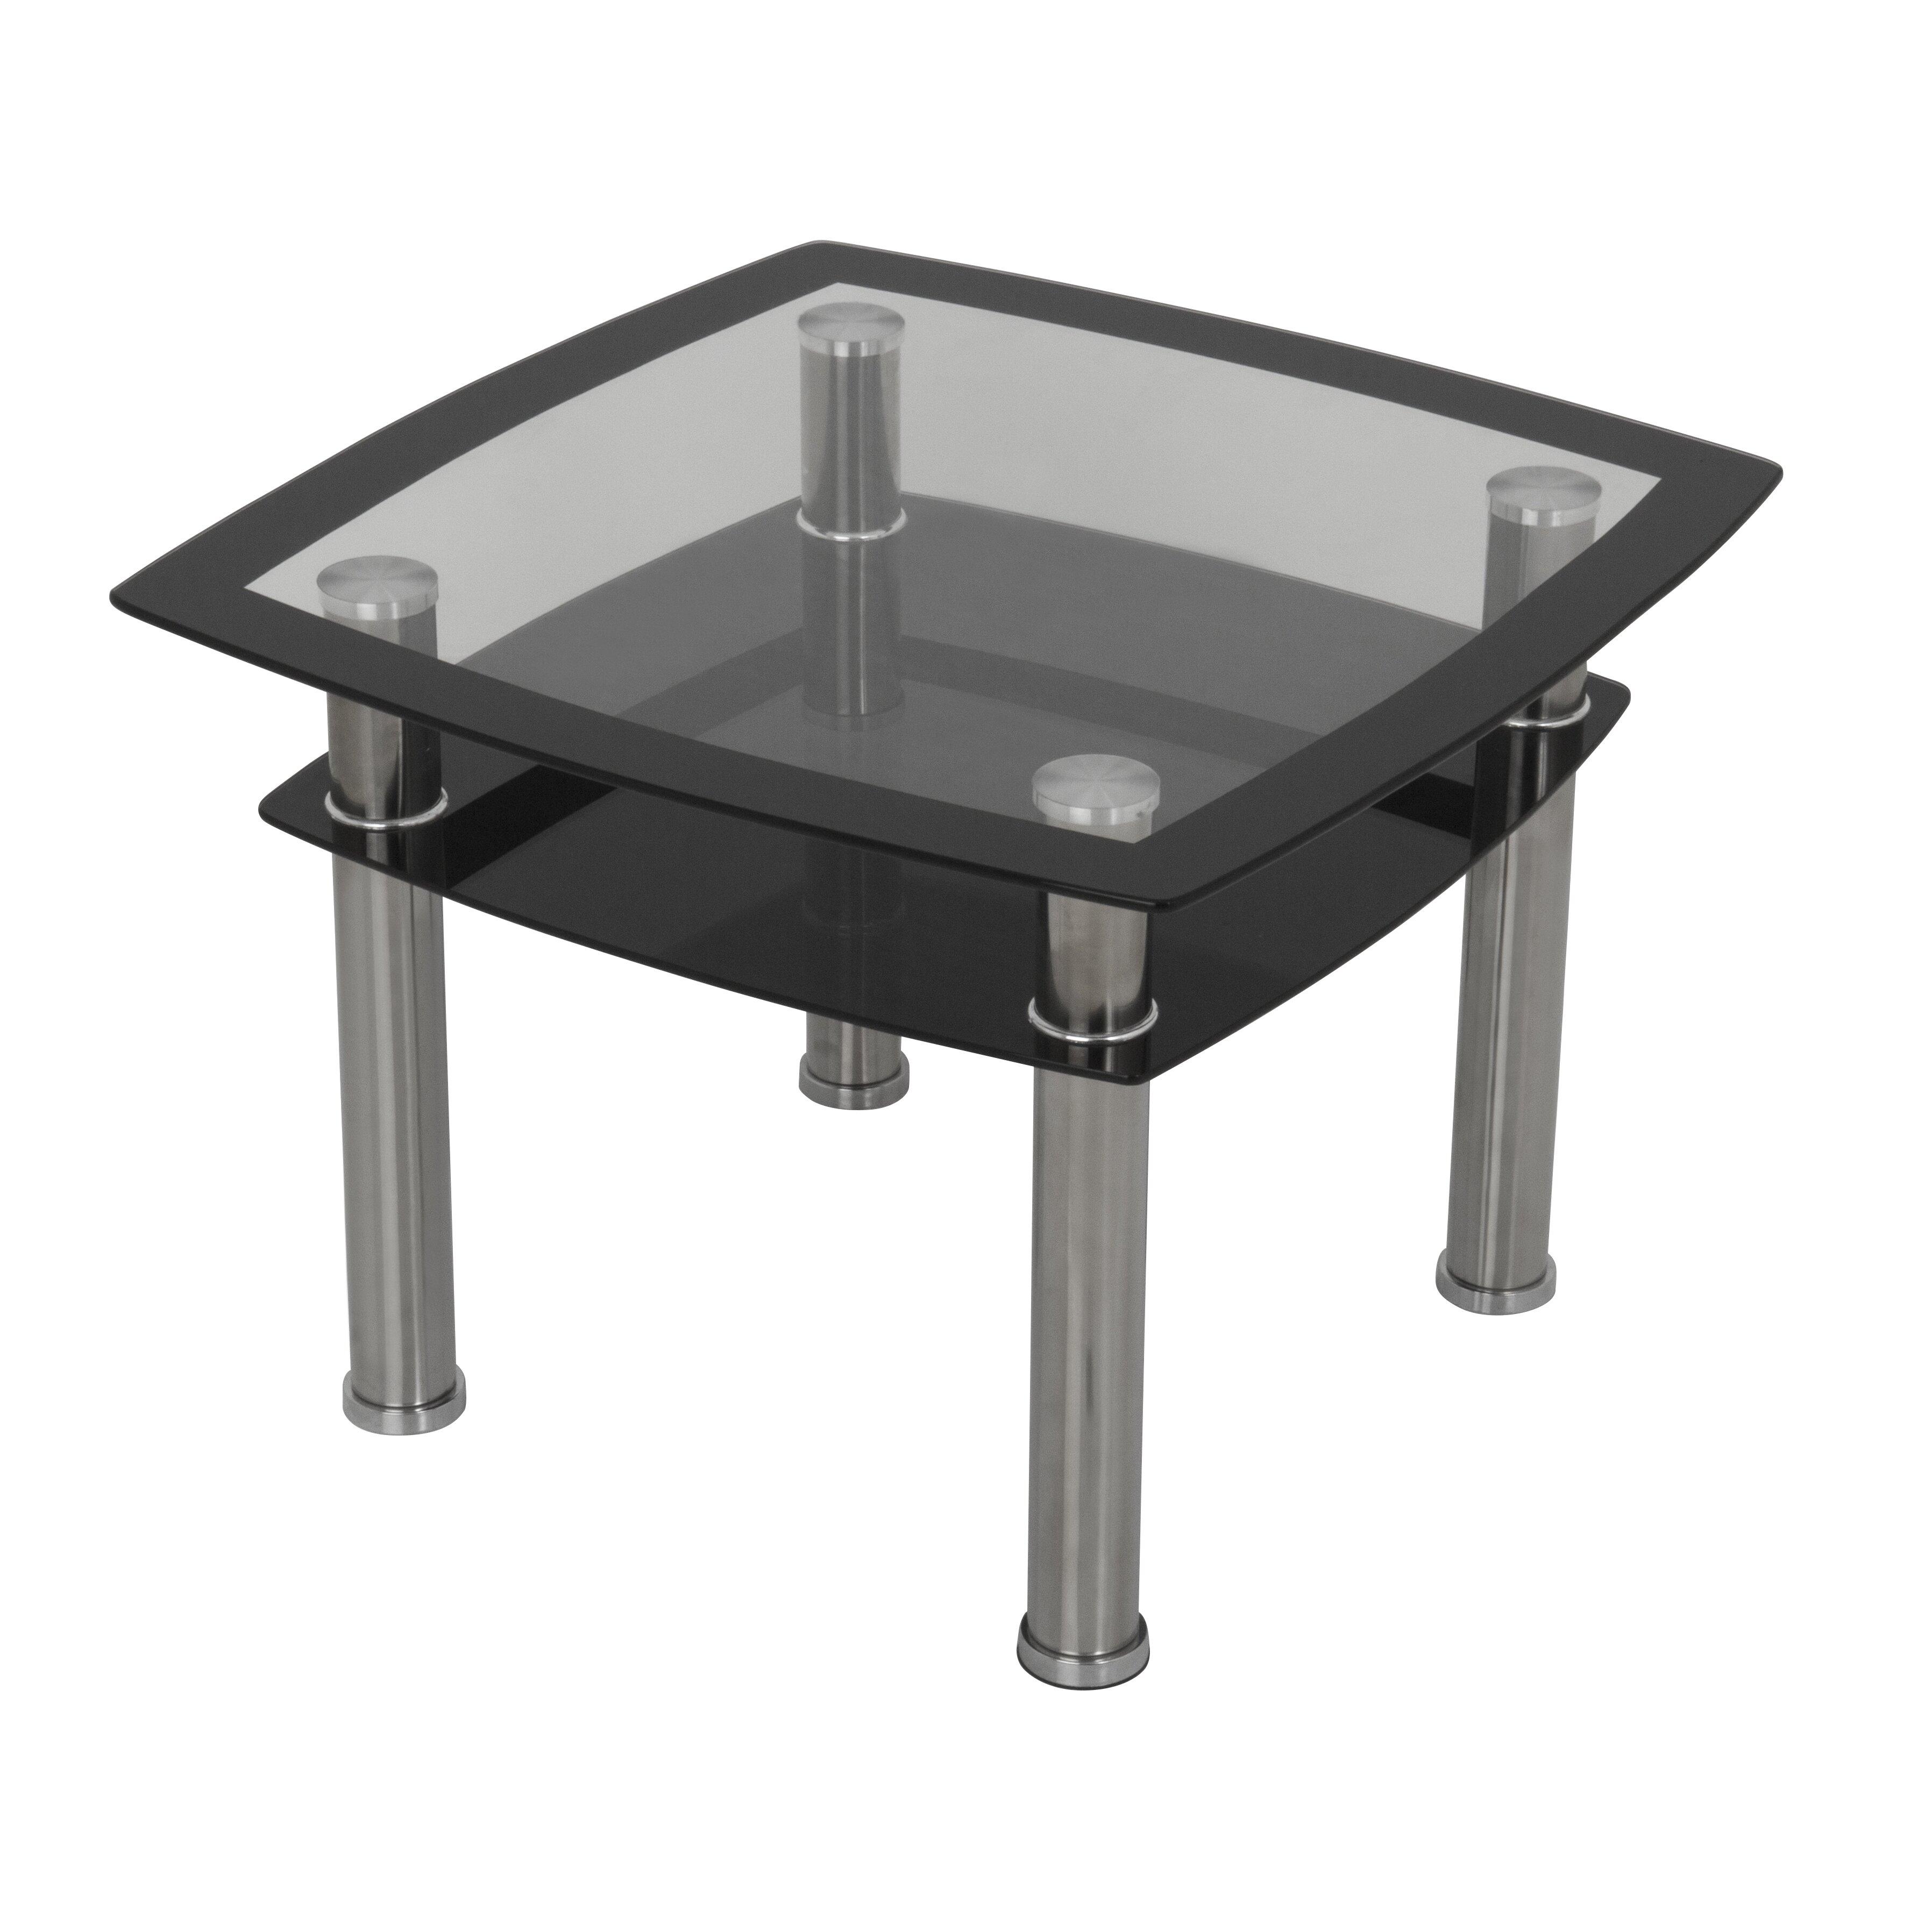 Avf end table reviews wayfair for Avf furniture